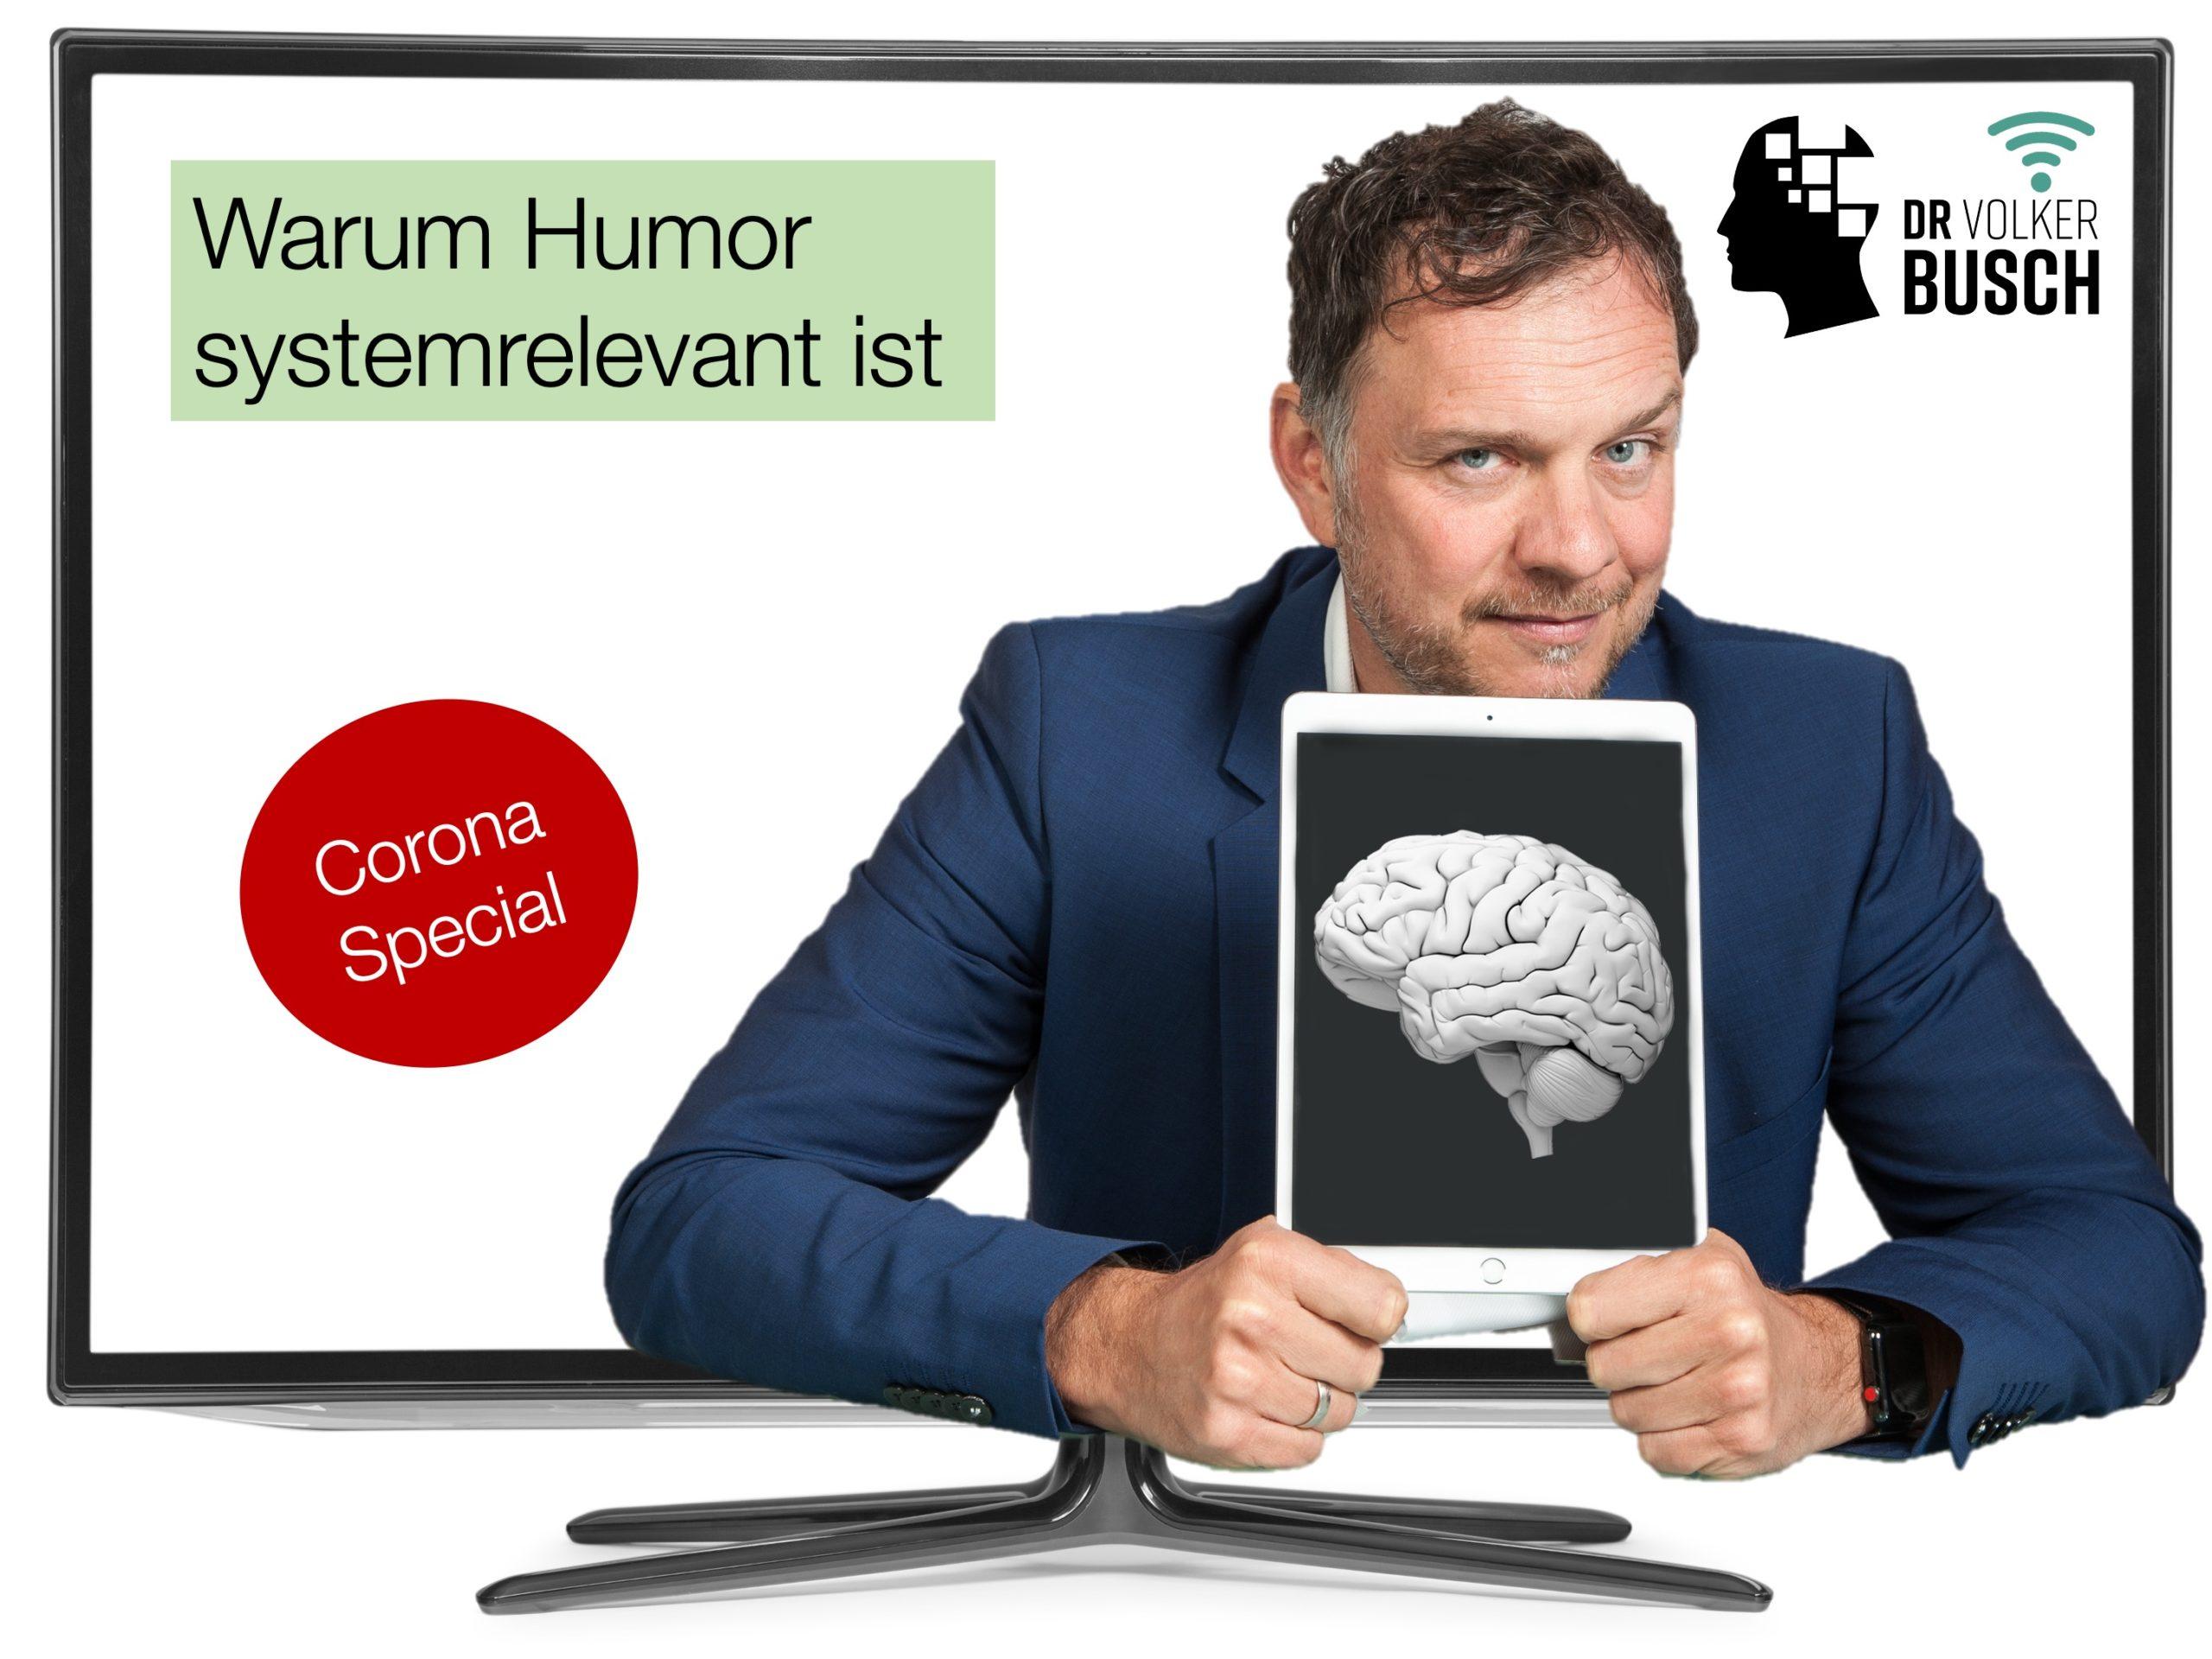 Corona Special: Warum Humor systemrelevant ist - Dr. Volker Busch